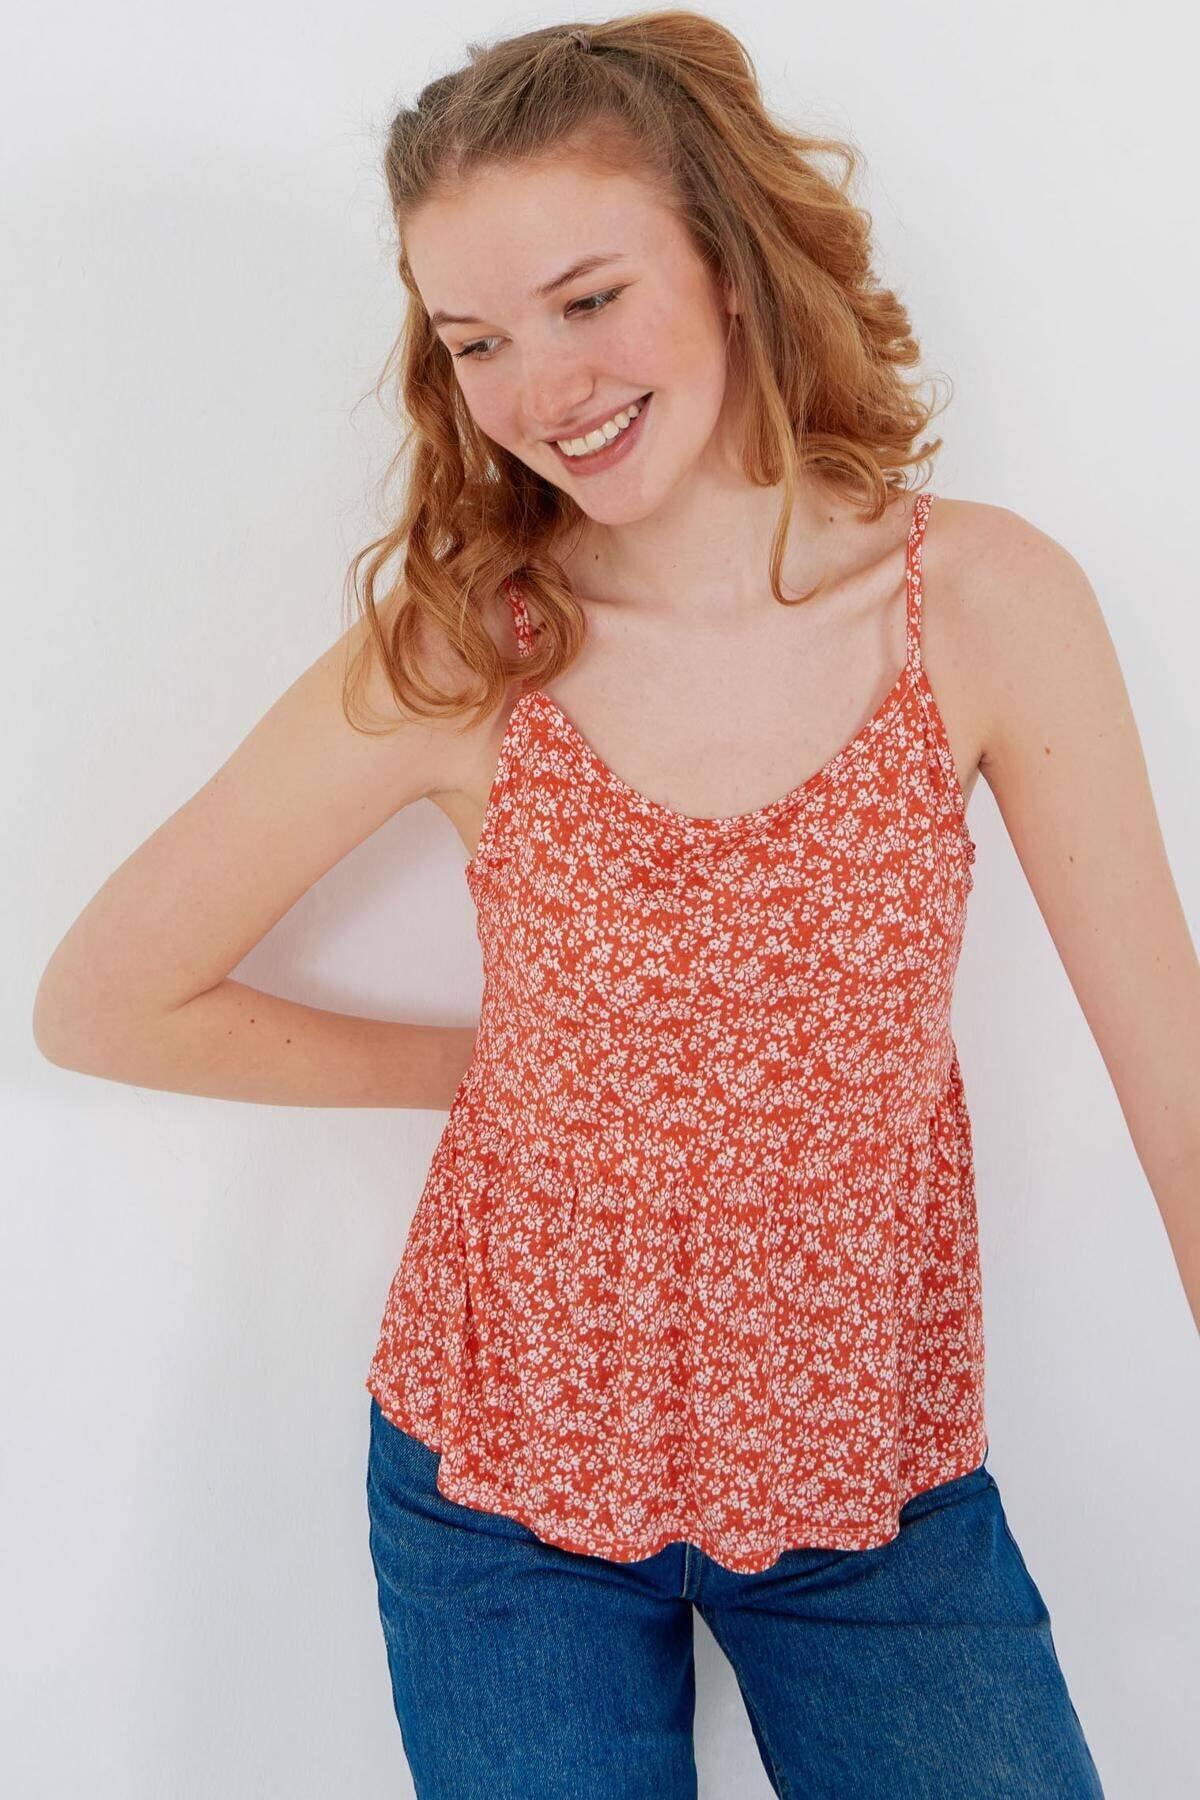 Addax Kadın Kırmızı Çiçek Desenli Bluz Çiç B12242 Adx-0000023925 0